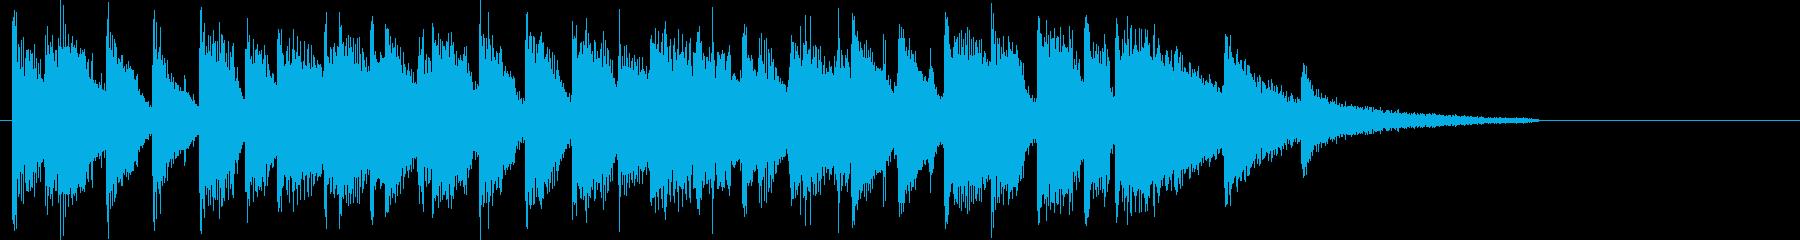 バーに居るようなピアノのジャズジングルの再生済みの波形